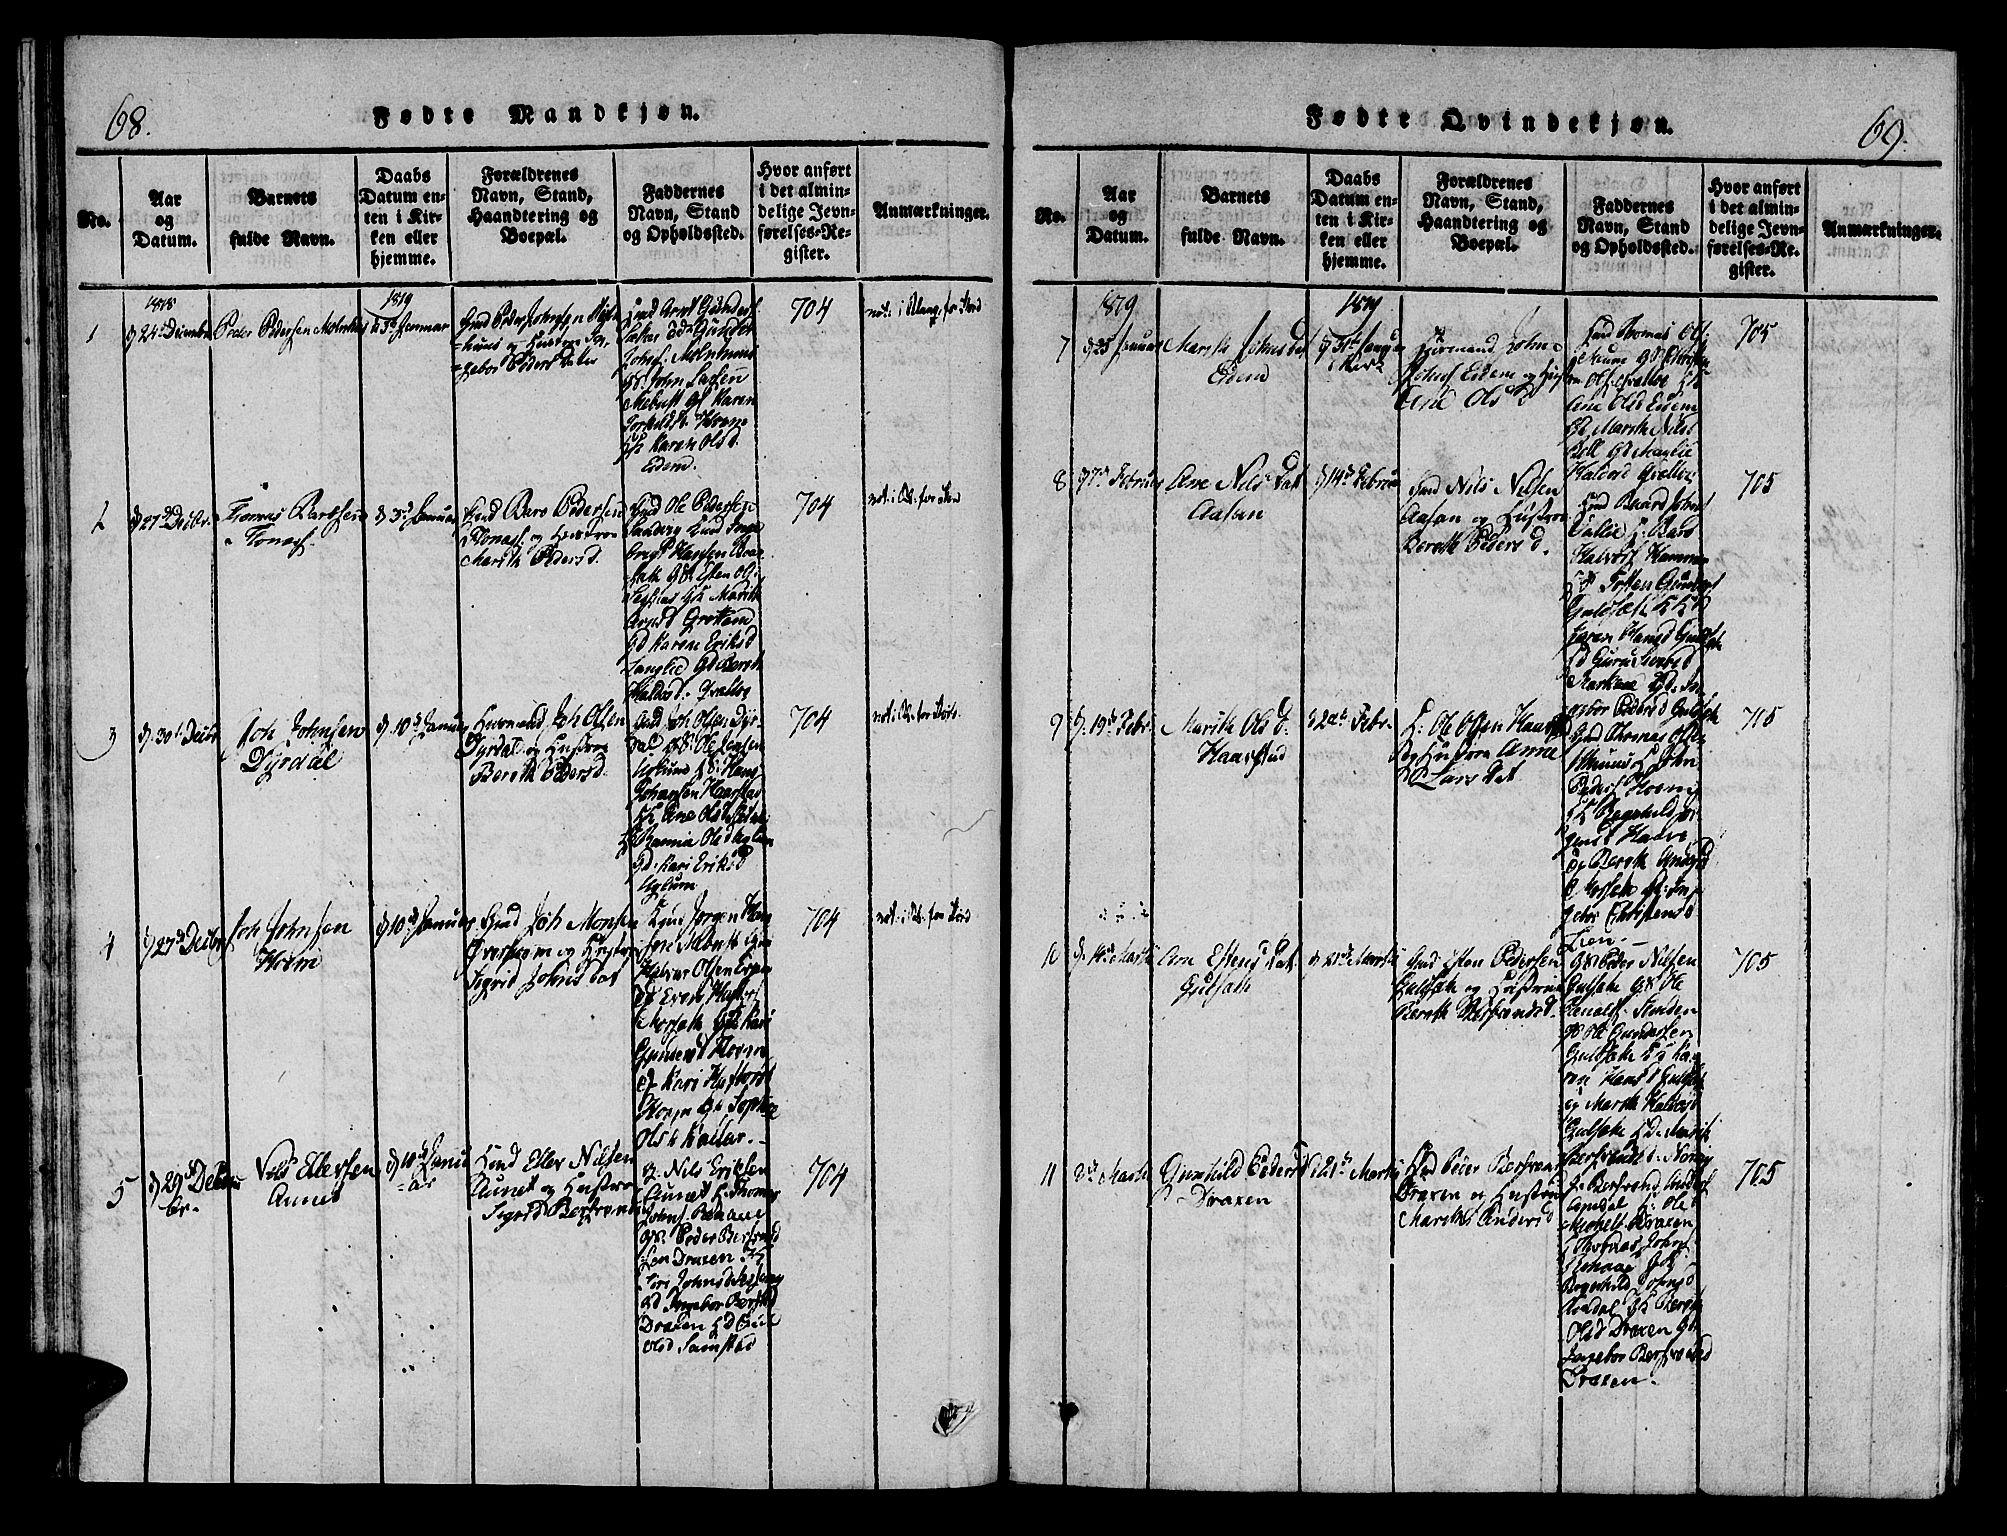 SAT, Ministerialprotokoller, klokkerbøker og fødselsregistre - Sør-Trøndelag, 695/L1141: Ministerialbok nr. 695A04 /1, 1816-1824, s. 68-69